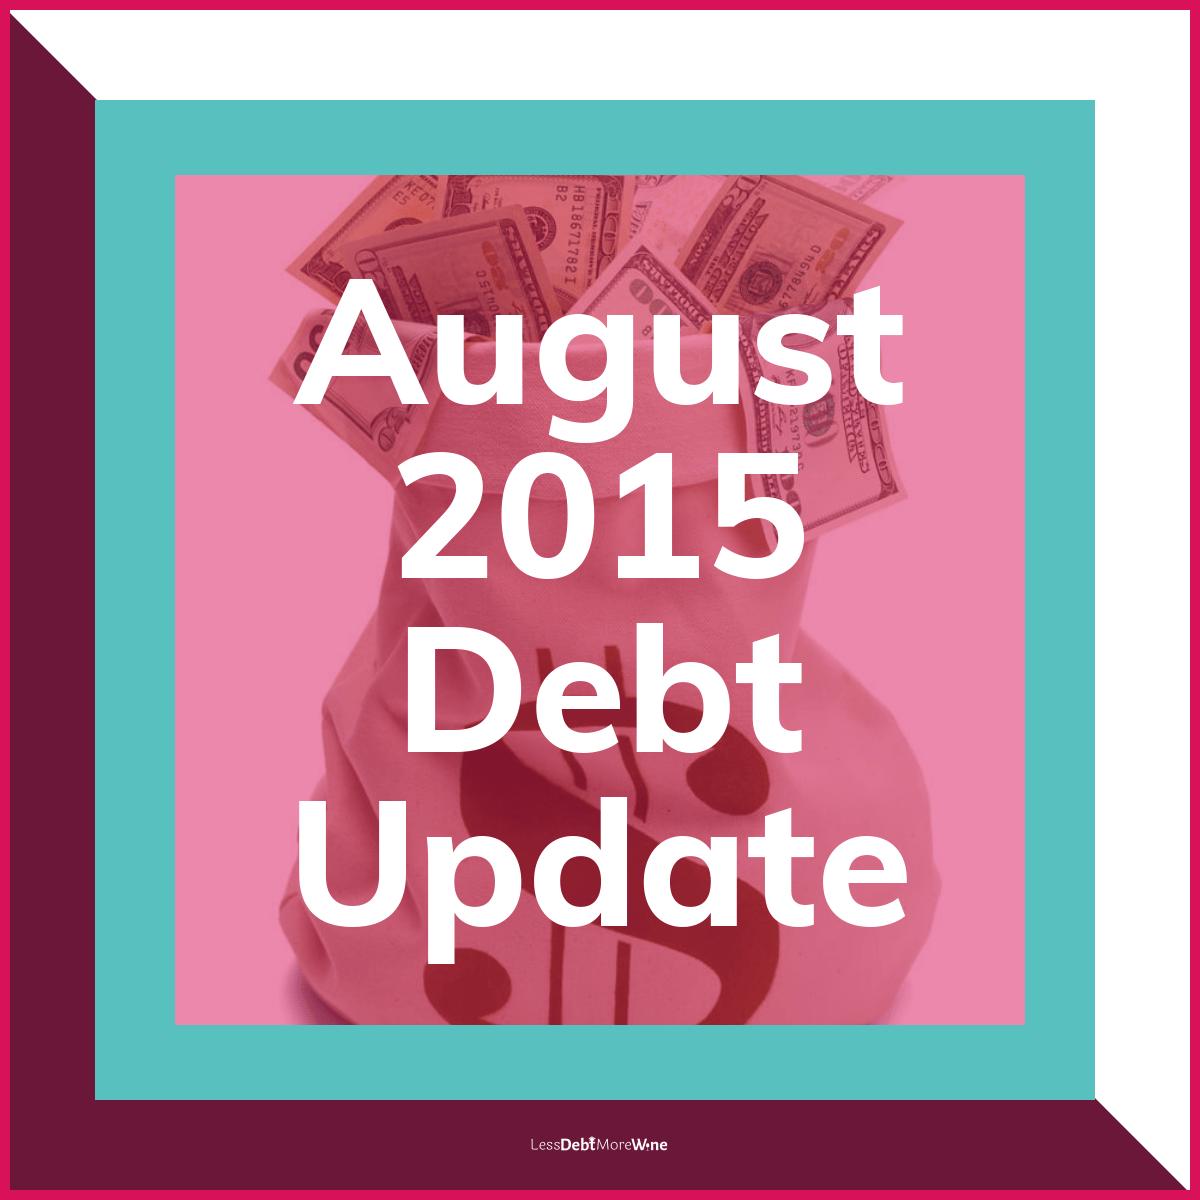 August 2015 debt update, debt payoff progress